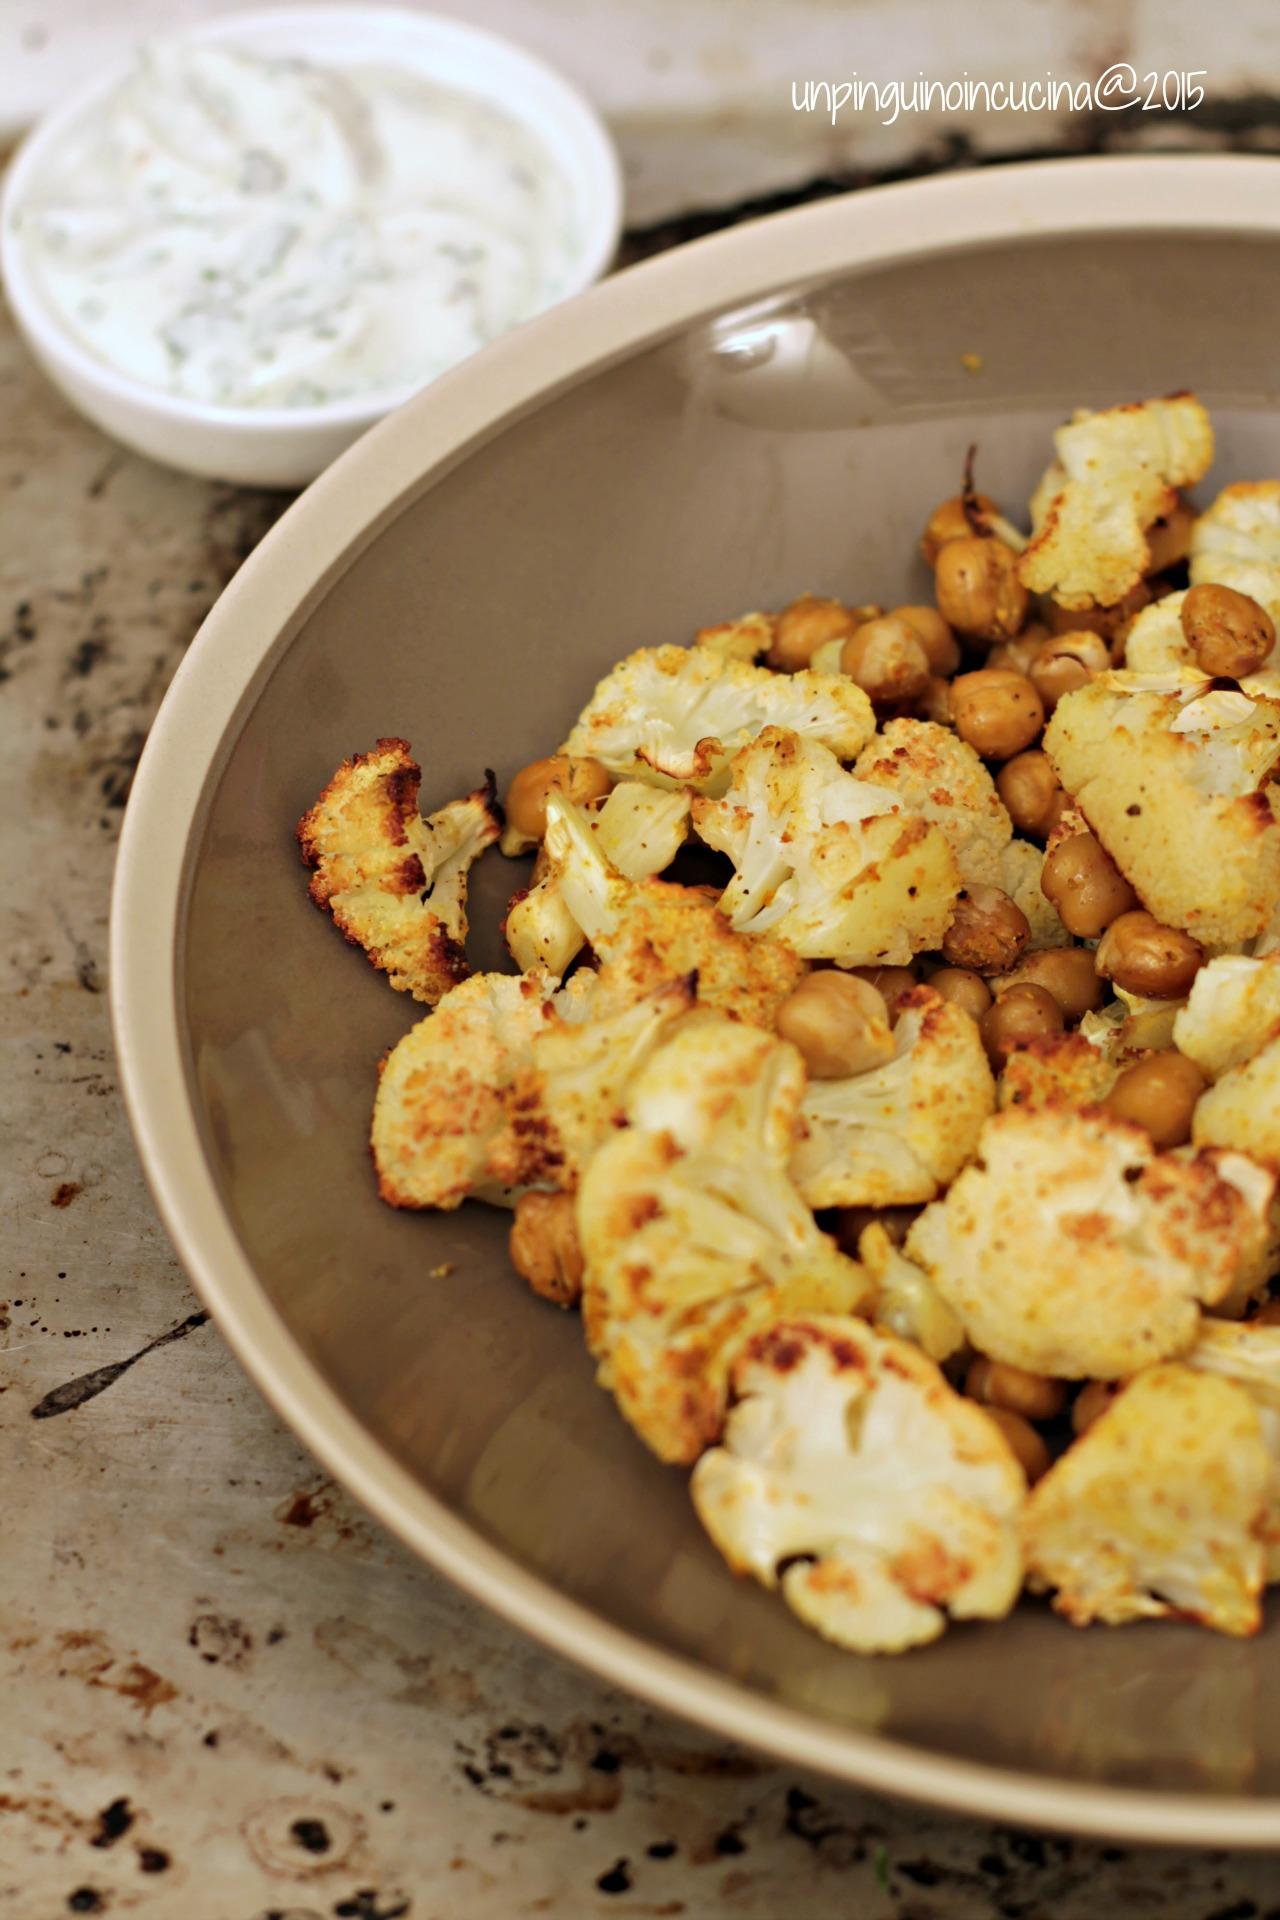 cavolfiore-e-ceci-al-forno-con-salsa-allo-yogurt-e-menta